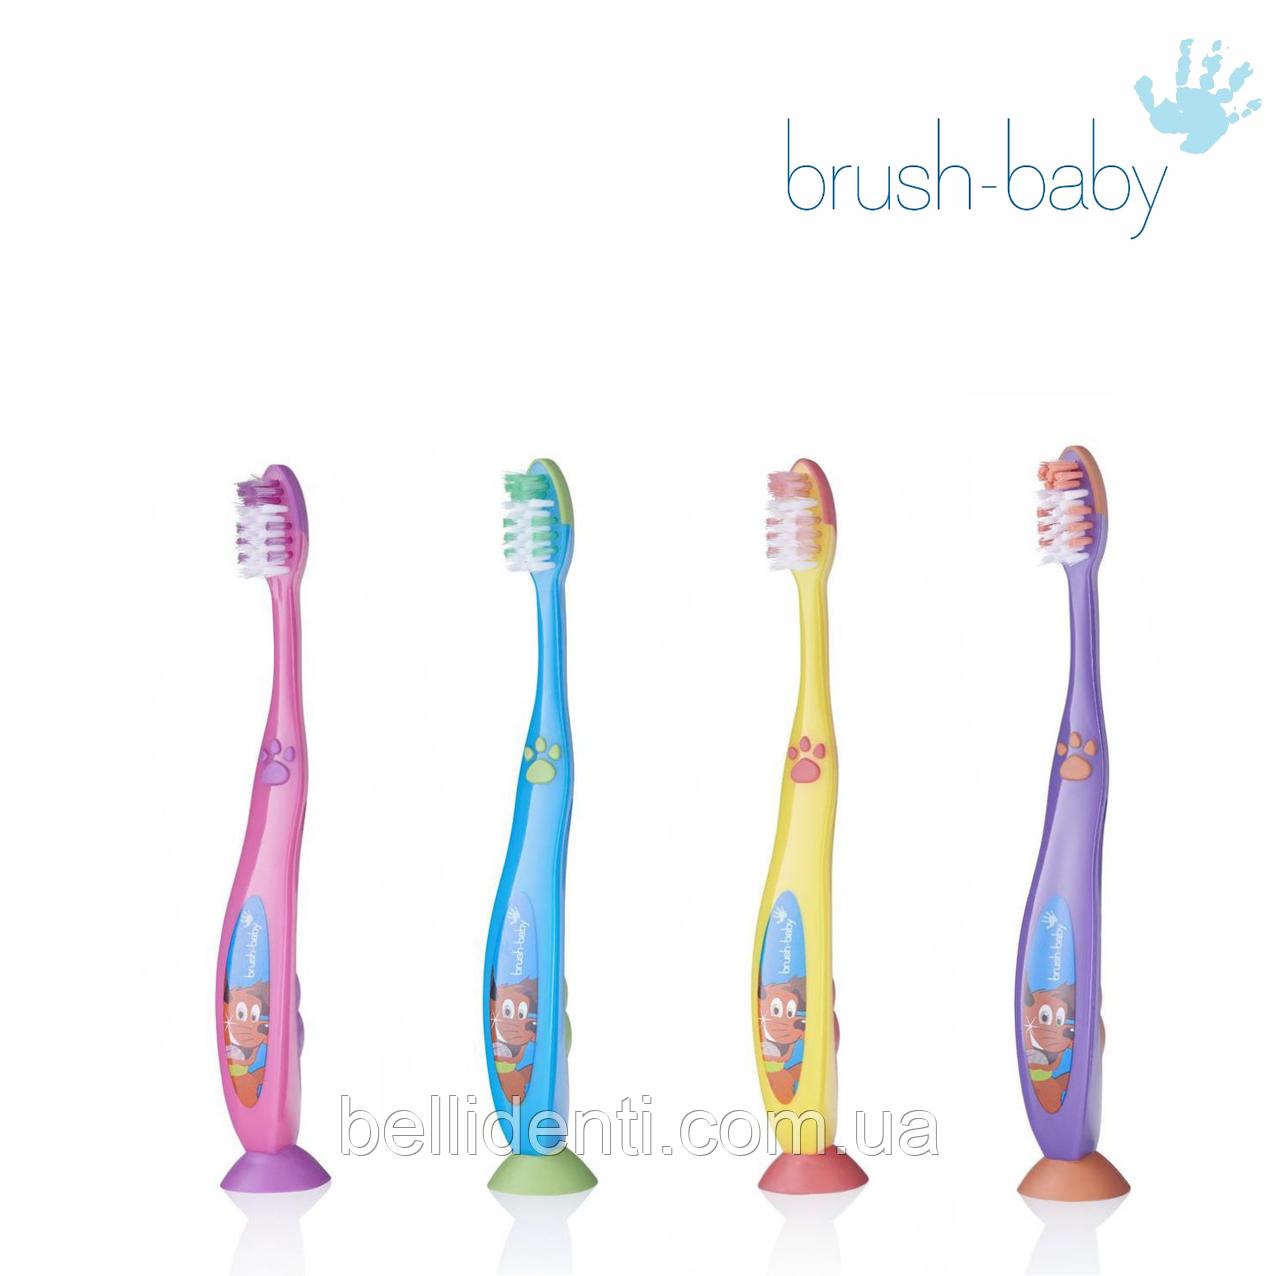 Зубная щетка Brush-Baby FlossBrush (от 6 лет)